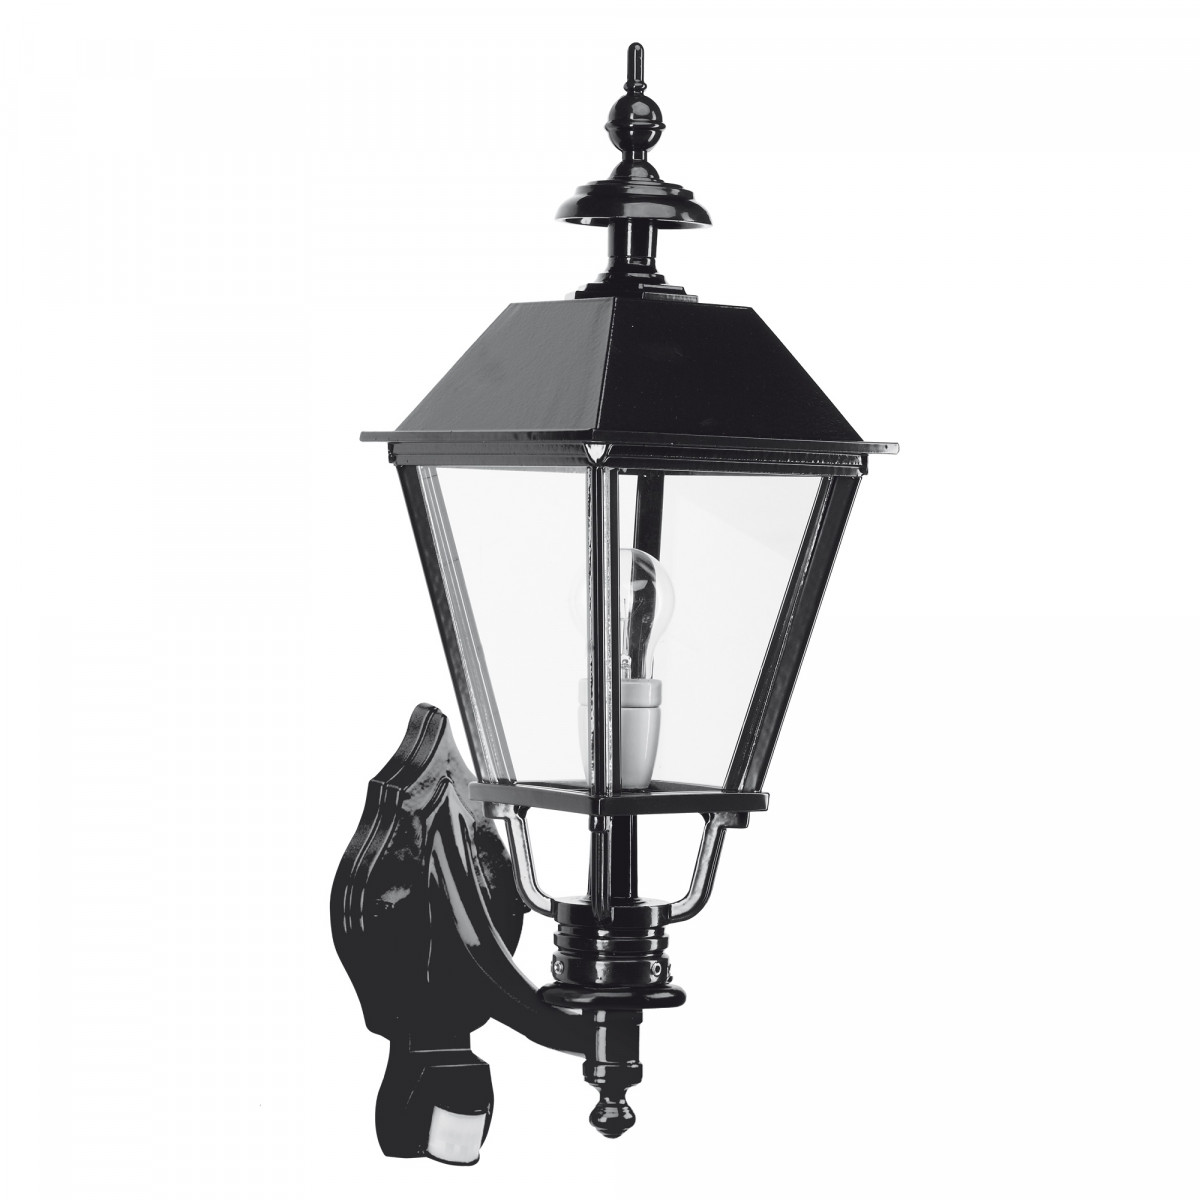 Darwin (1184) - KS Verlichting - Sensor verlichting Klassiek